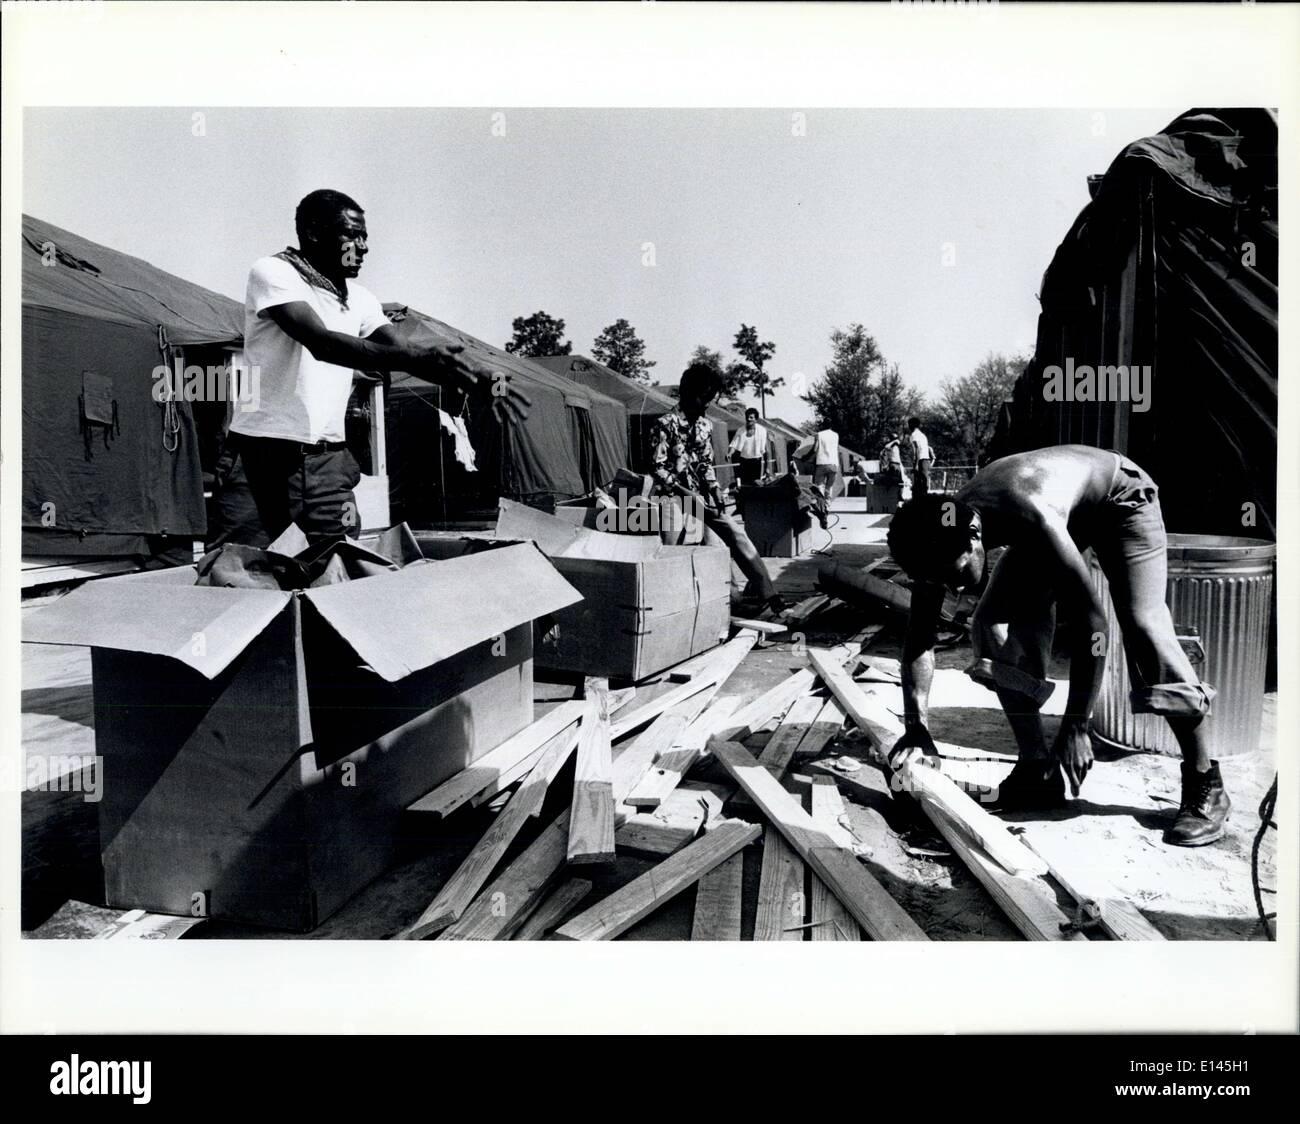 4. April 2012 - kubanische Flüchtlinge in Tonhöhe zu helfen, reinigen Sie den Bereich in der Zeltstadt errichtet, auf dem Messegelände Fort Walton Beach / Eglin Air Force Base. Stockfoto